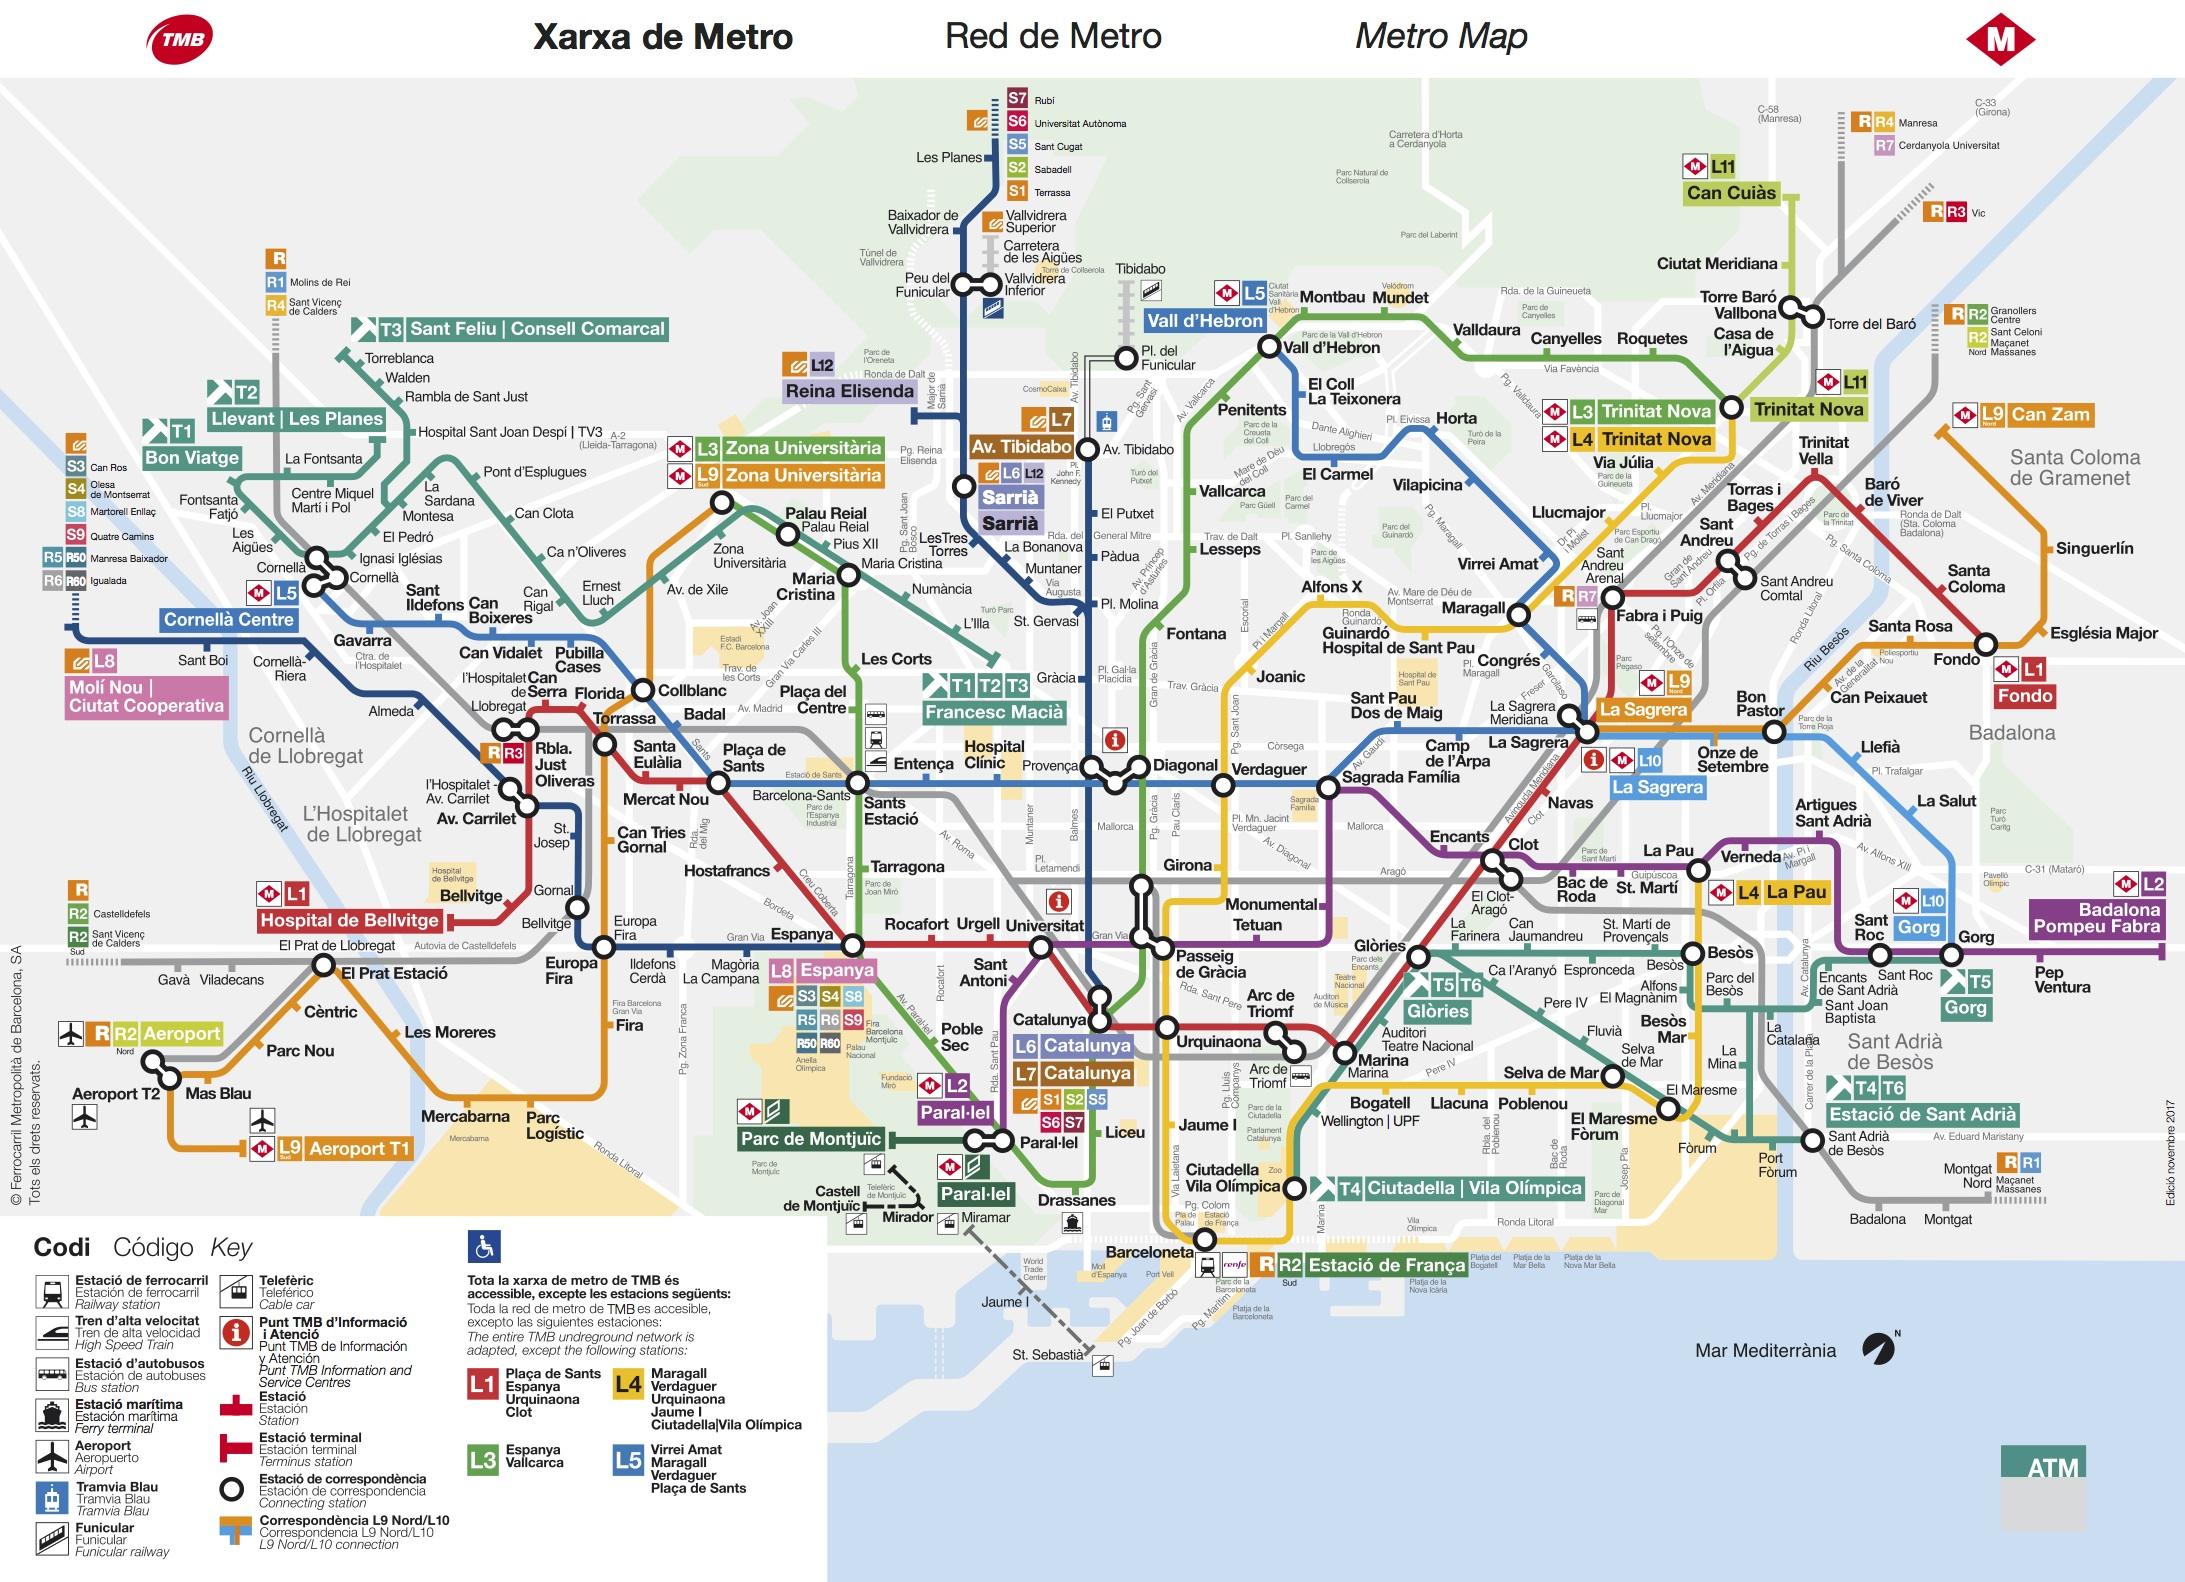 Карта метрополитена Барселоны 2018